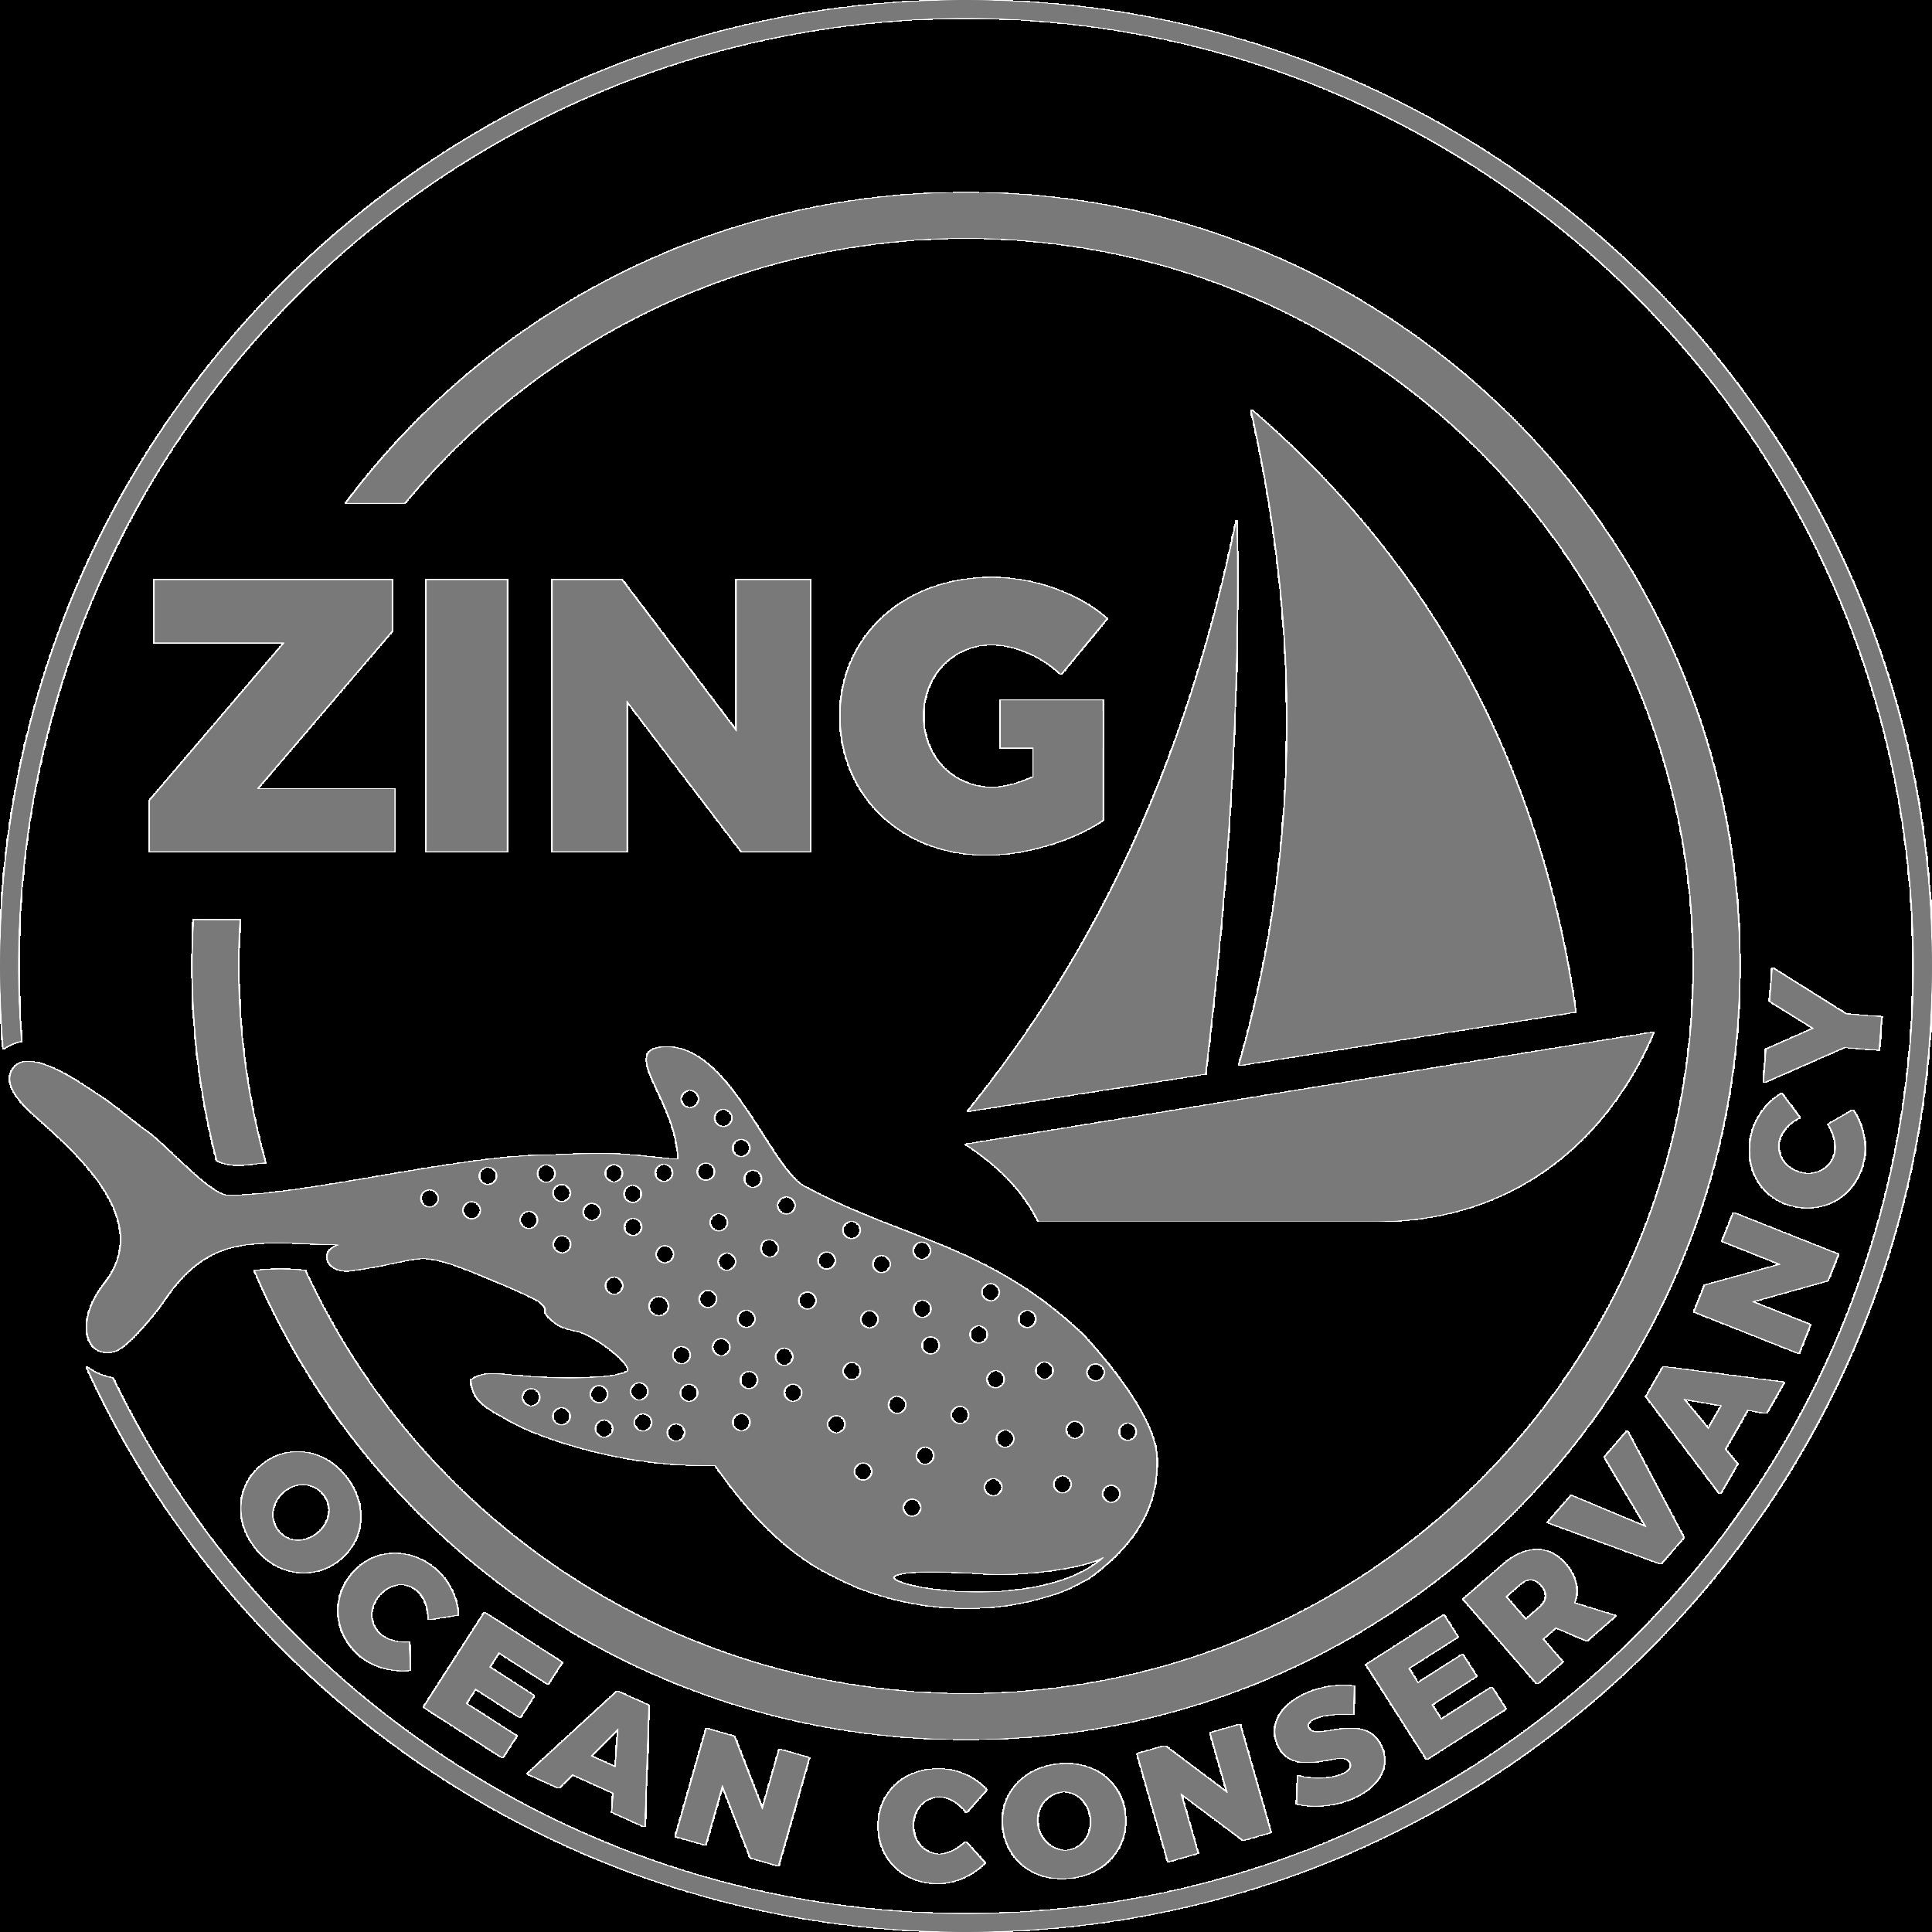 Seacirc_partner_zing.png